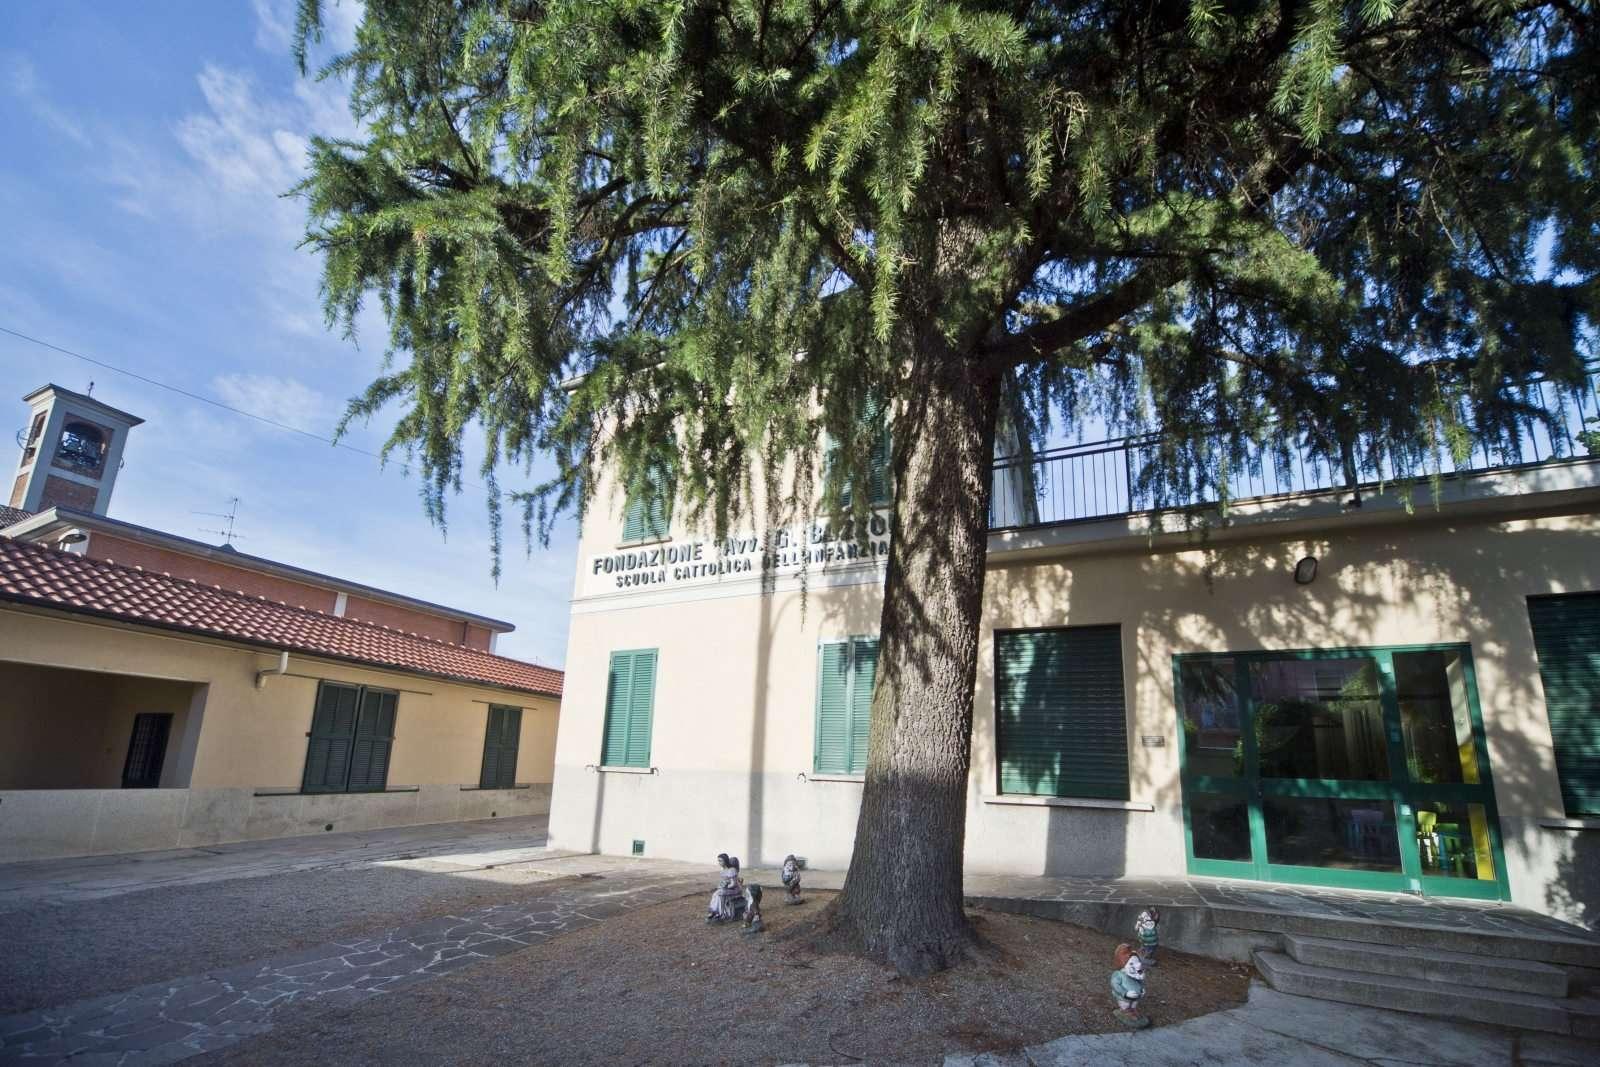 017 D4C 5657 Ridotte - Scuola Materna Peschiera Borromeo